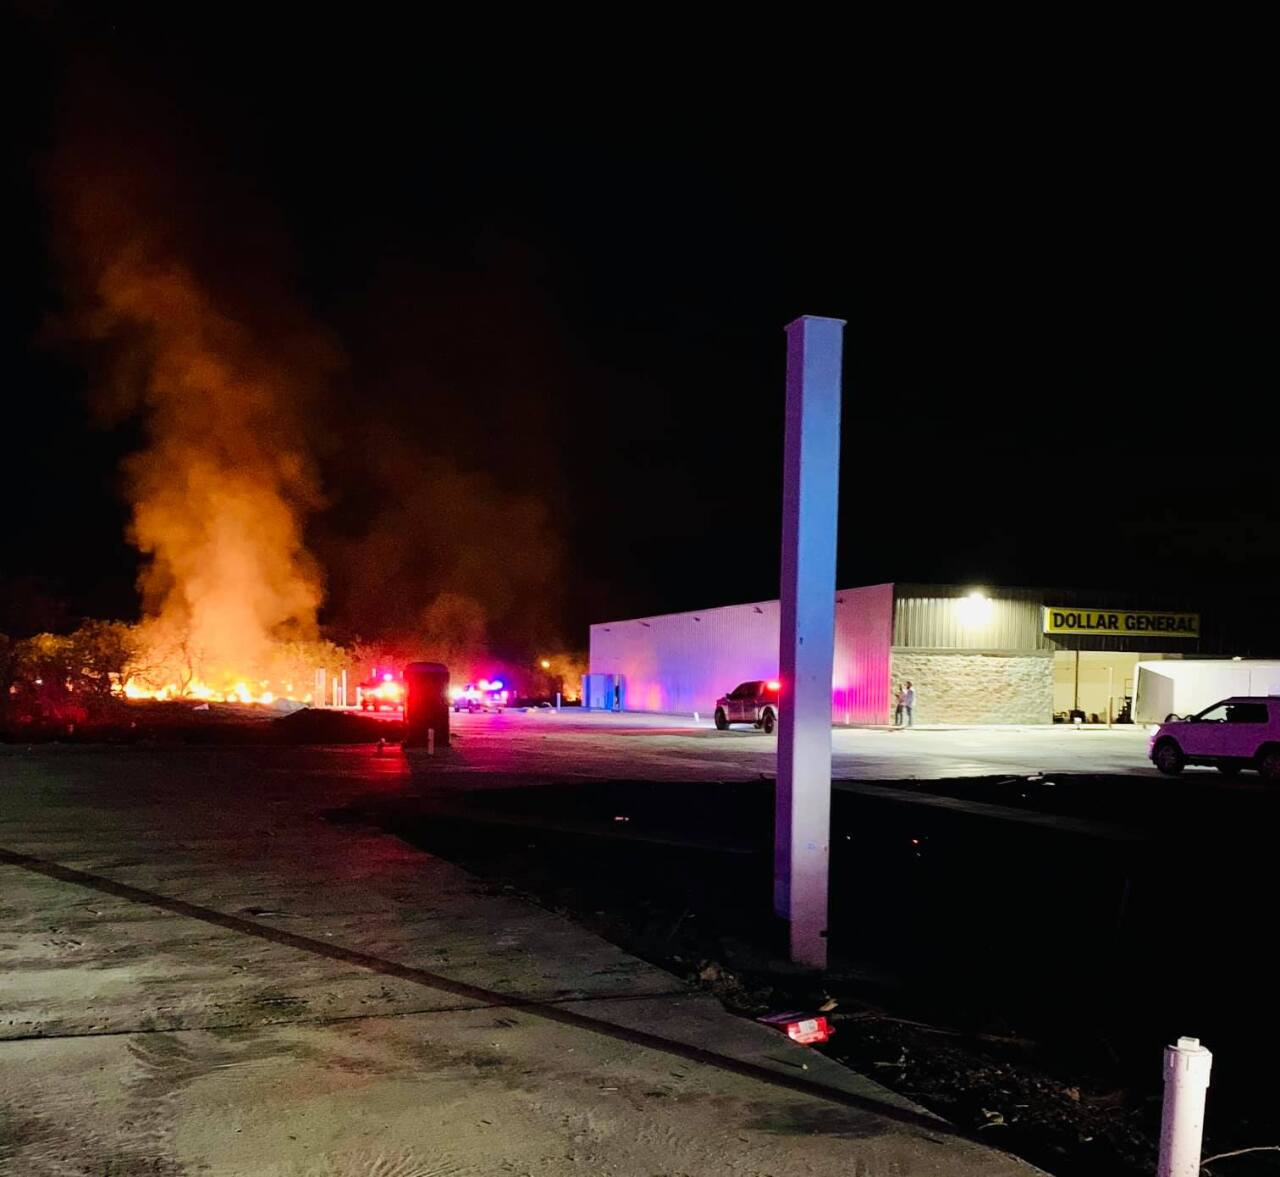 Bishop-arson-investigation